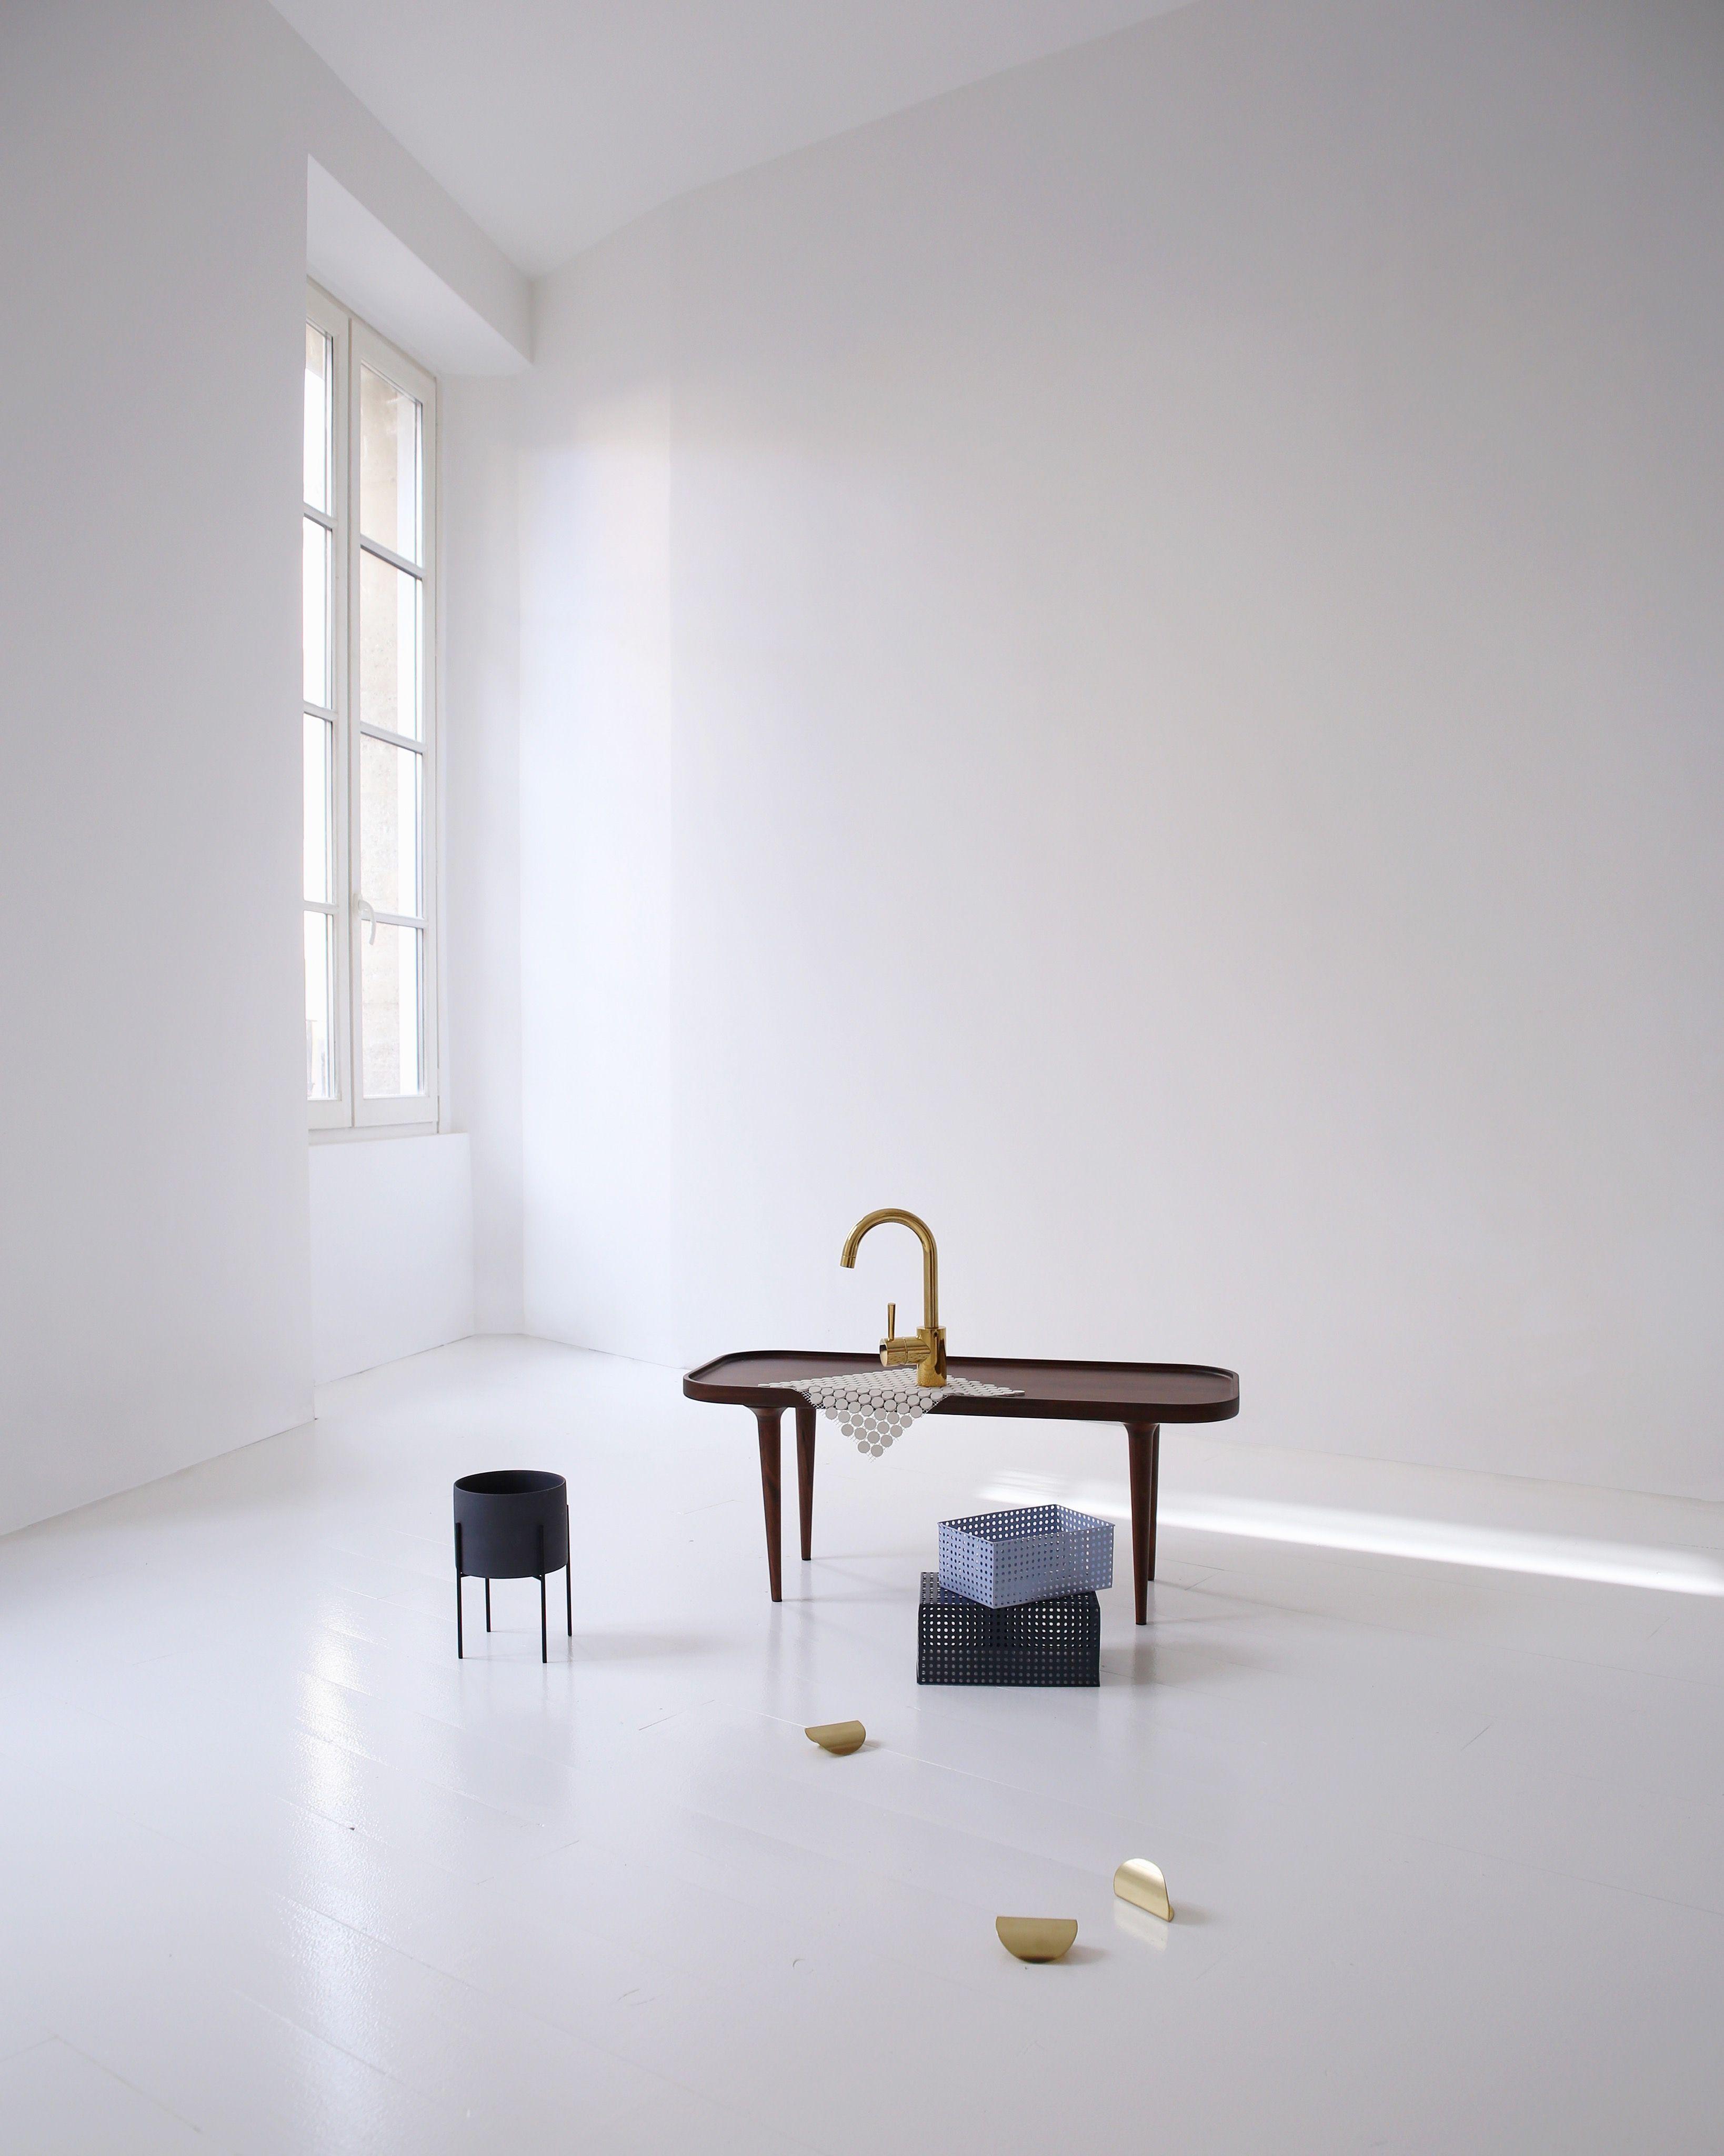 Peinture Blanche Dulux Valentine peinture blanche lumière & espace + ultra resist sol de